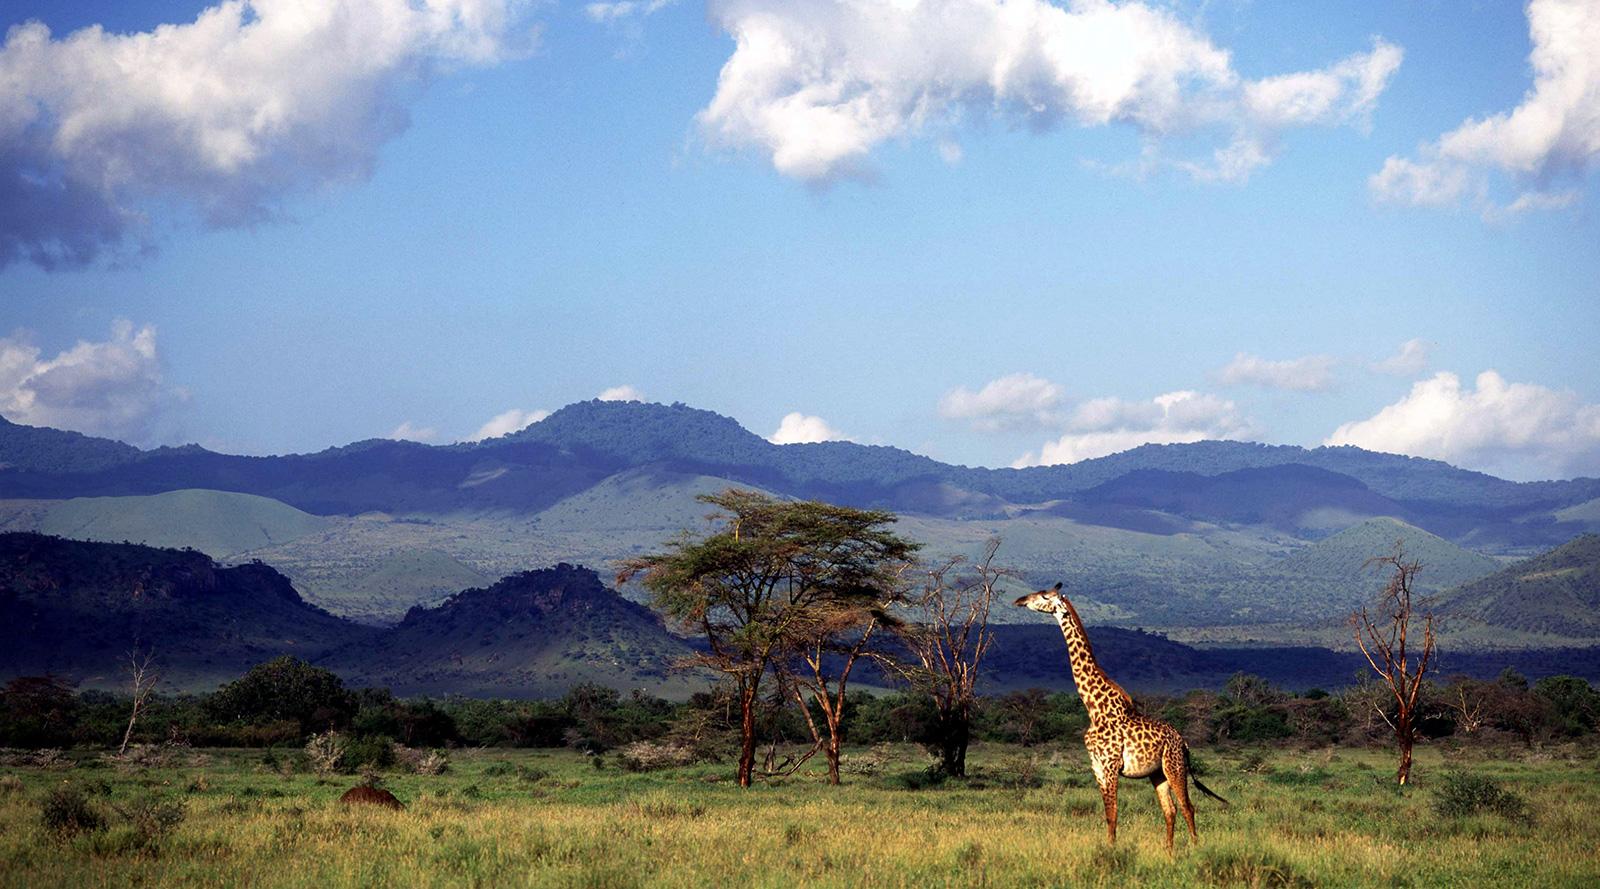 © Campi ya Kanzi | Campi Ya Kanzi, Chyulu Hills, Kenya